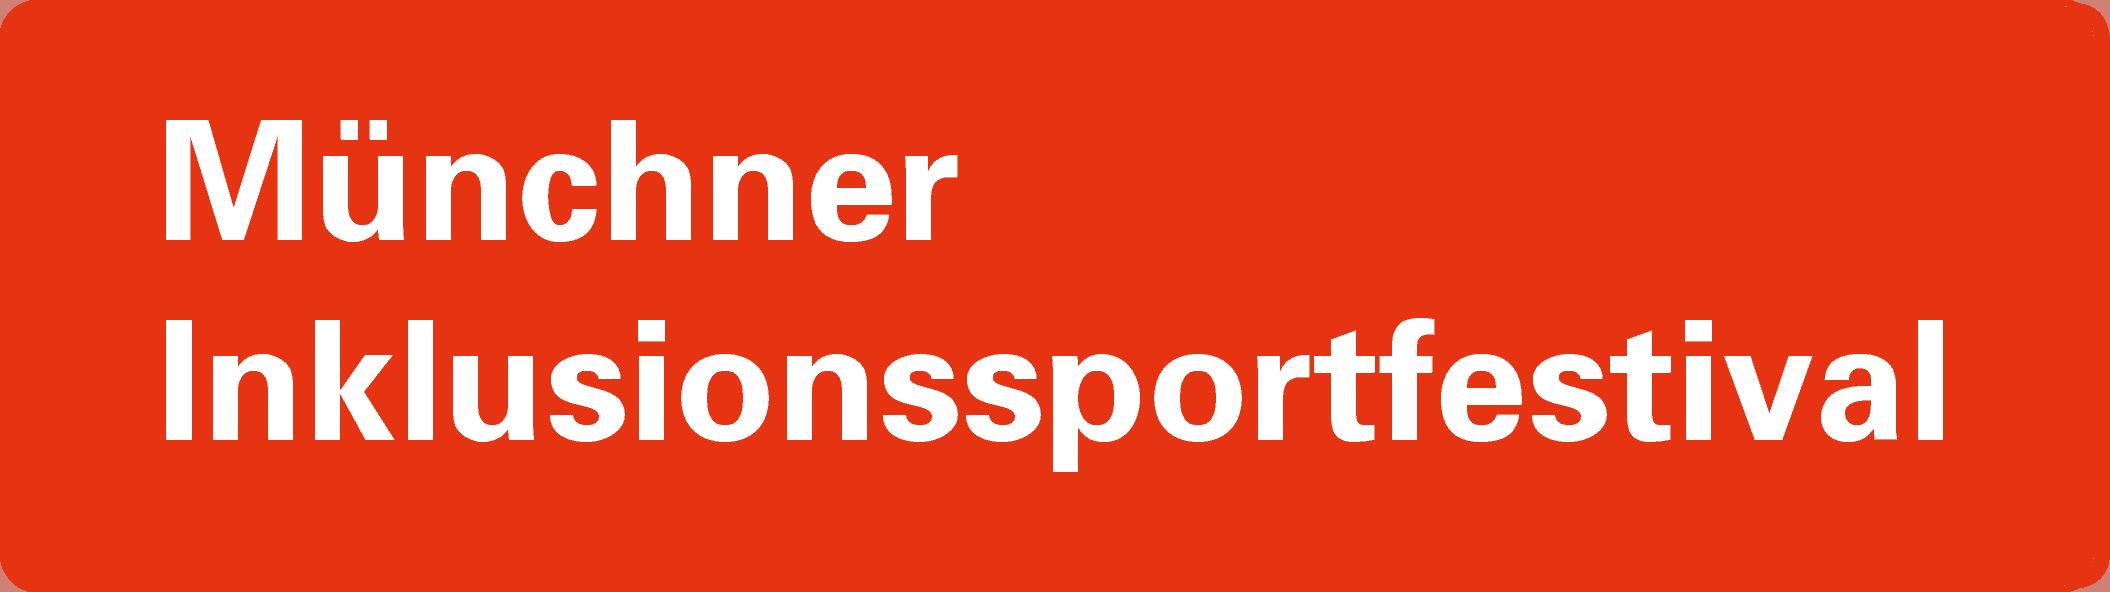 Münchner Inklusionssportfestival der Landeshauptstadt München